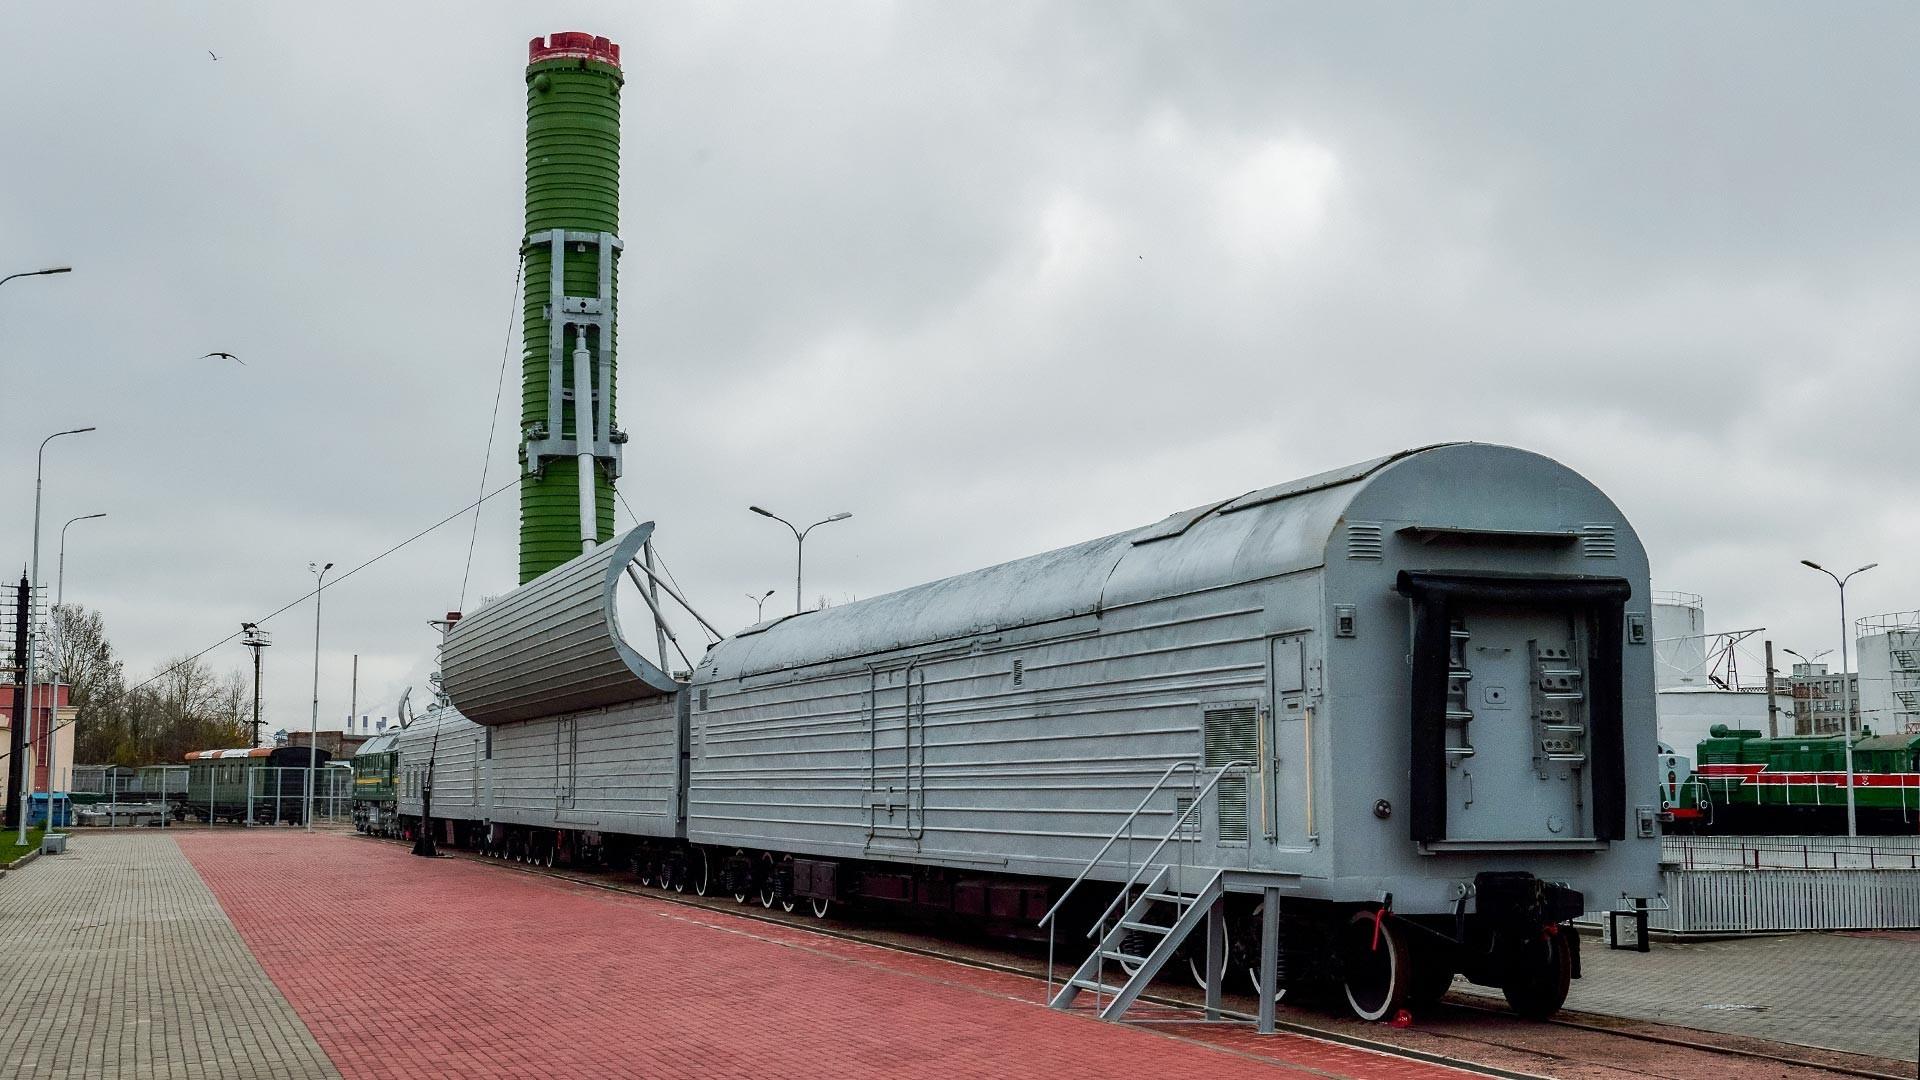 Bojni železniški raketni sistem (BŽRK) Molodjec, razstavljen v Muzeju ruskih železnic na prostem blizu Sankt Peterburga